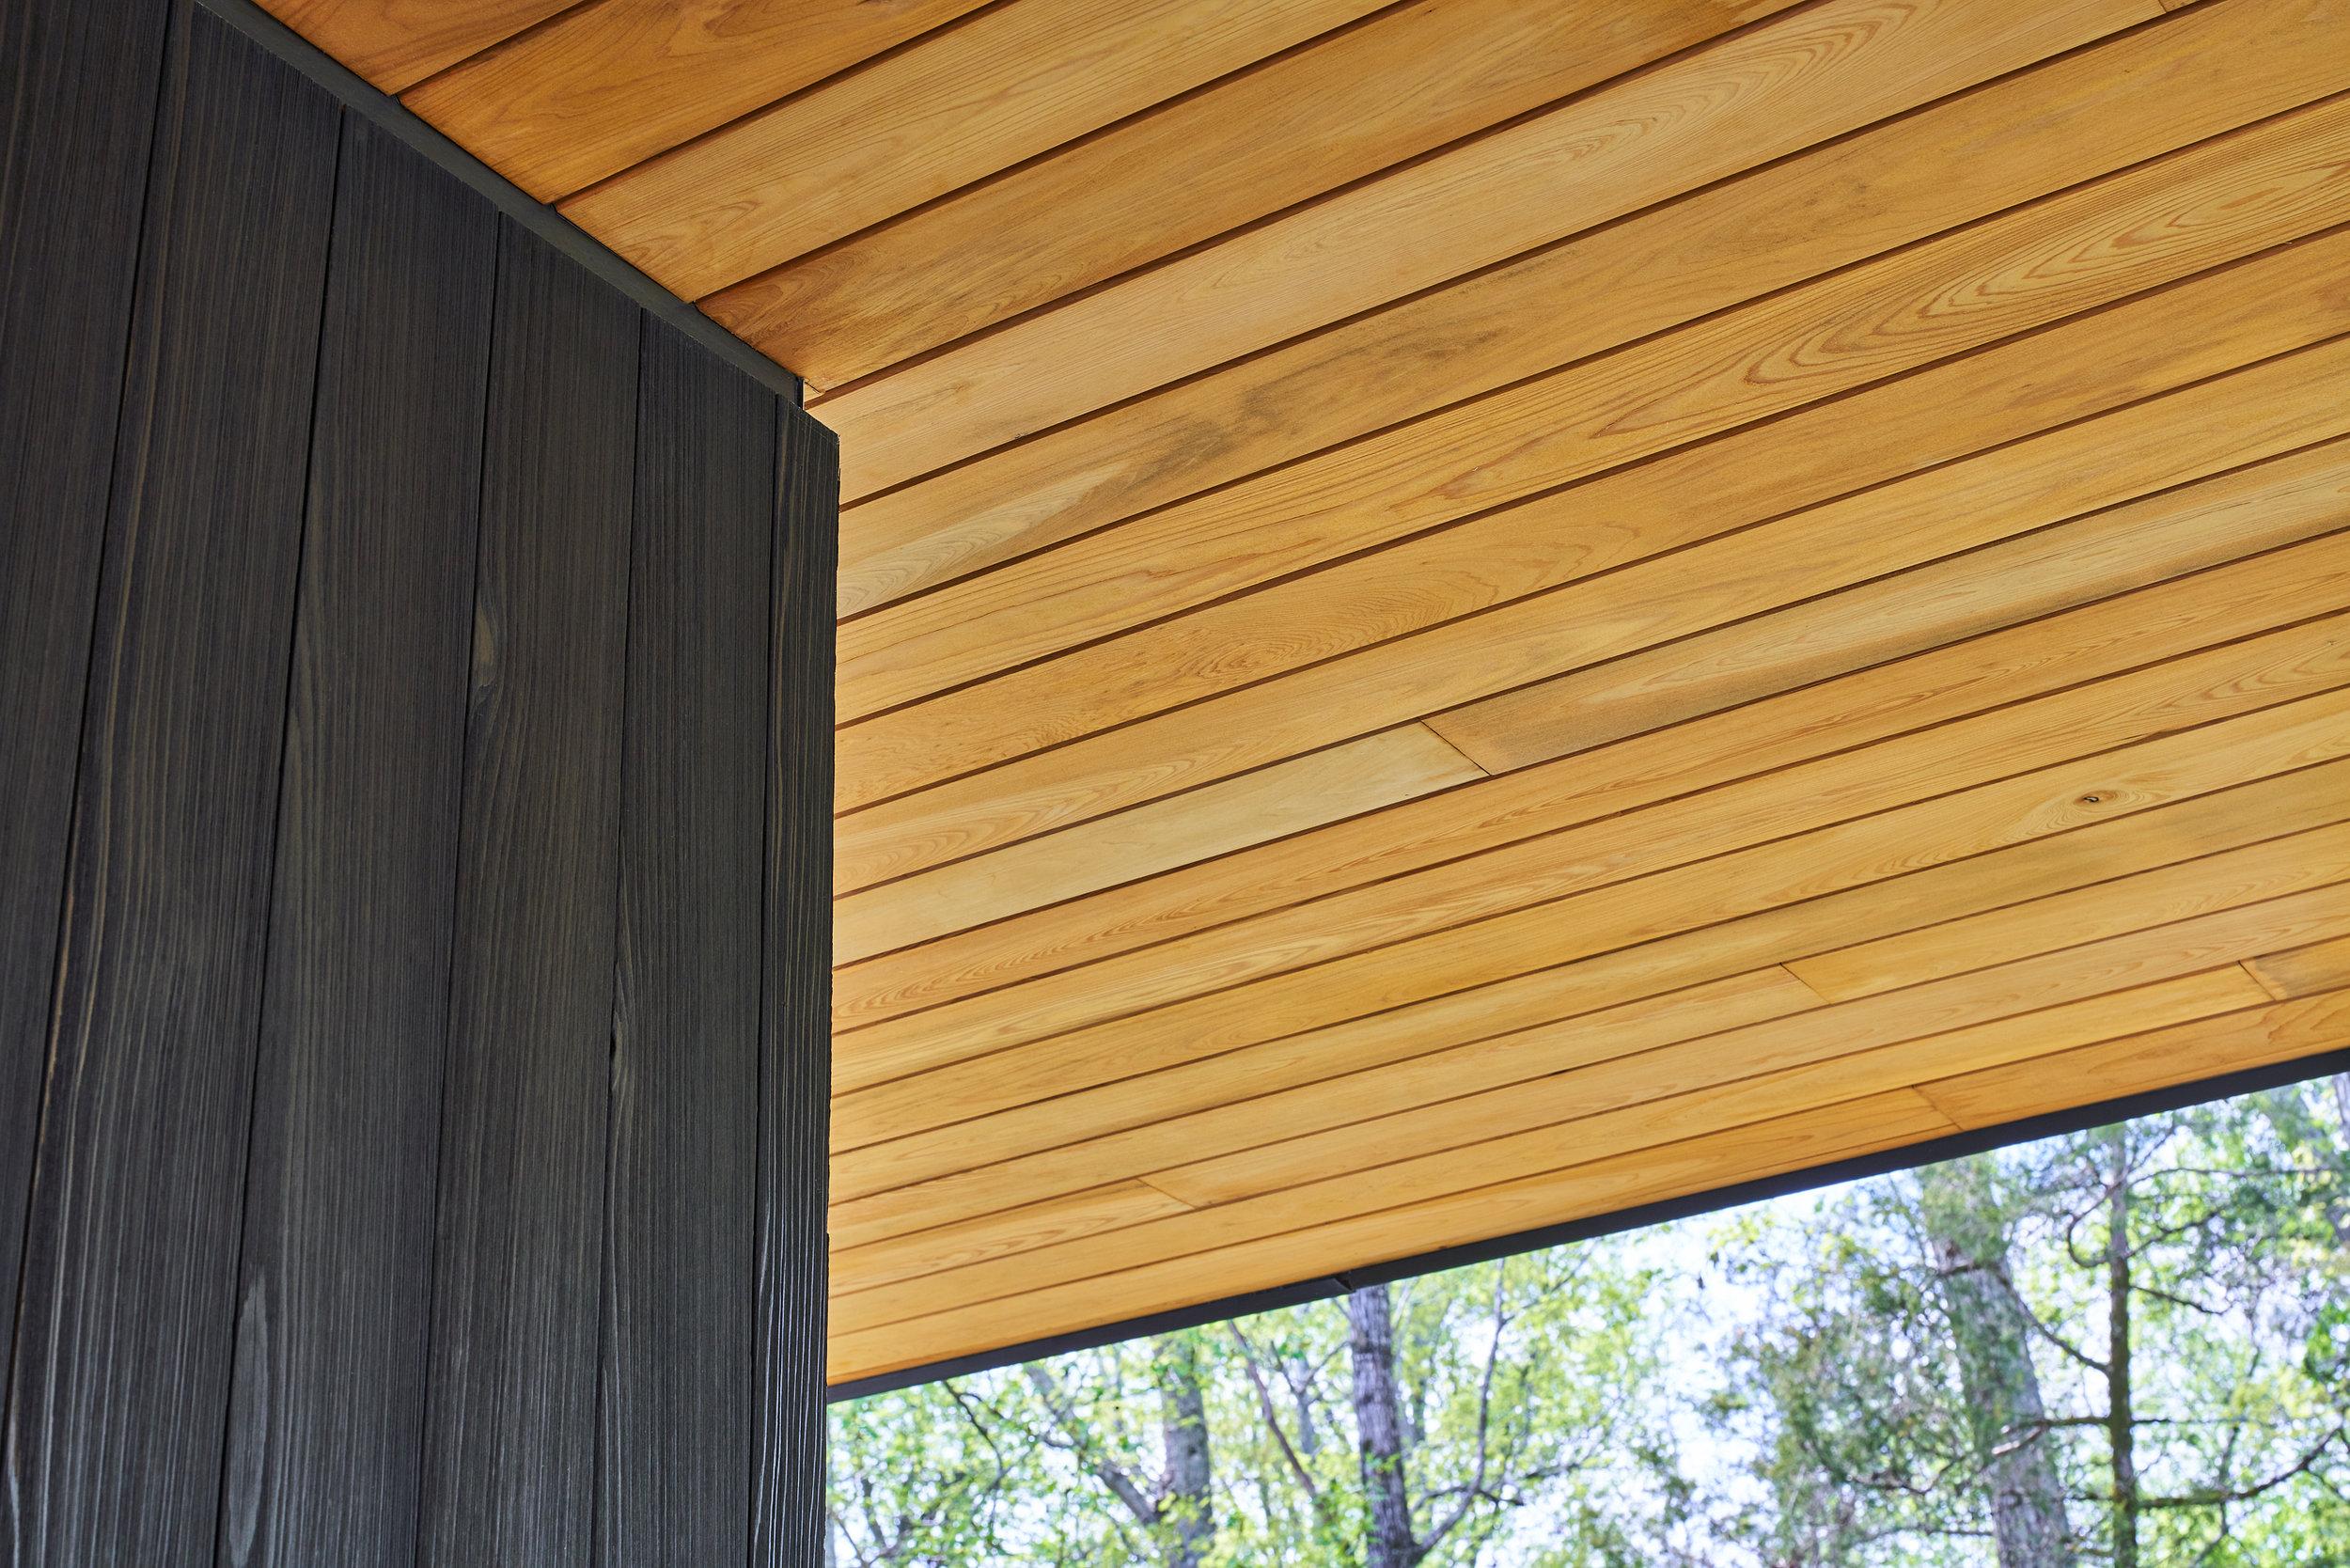 ki_raco_cc pavilion-282-web.jpg